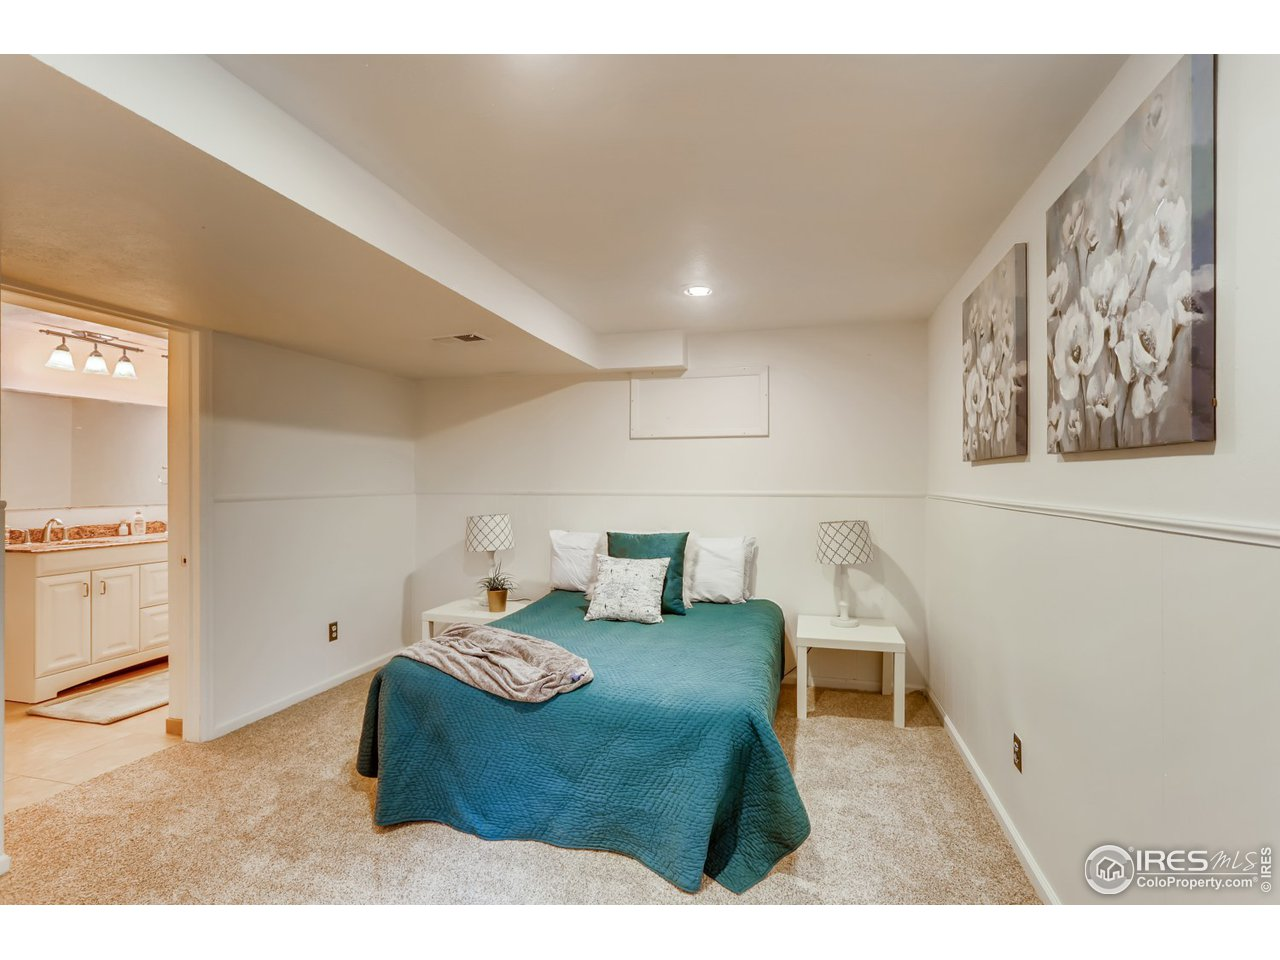 Basement bedroom.  Note bathroom off of bedroom